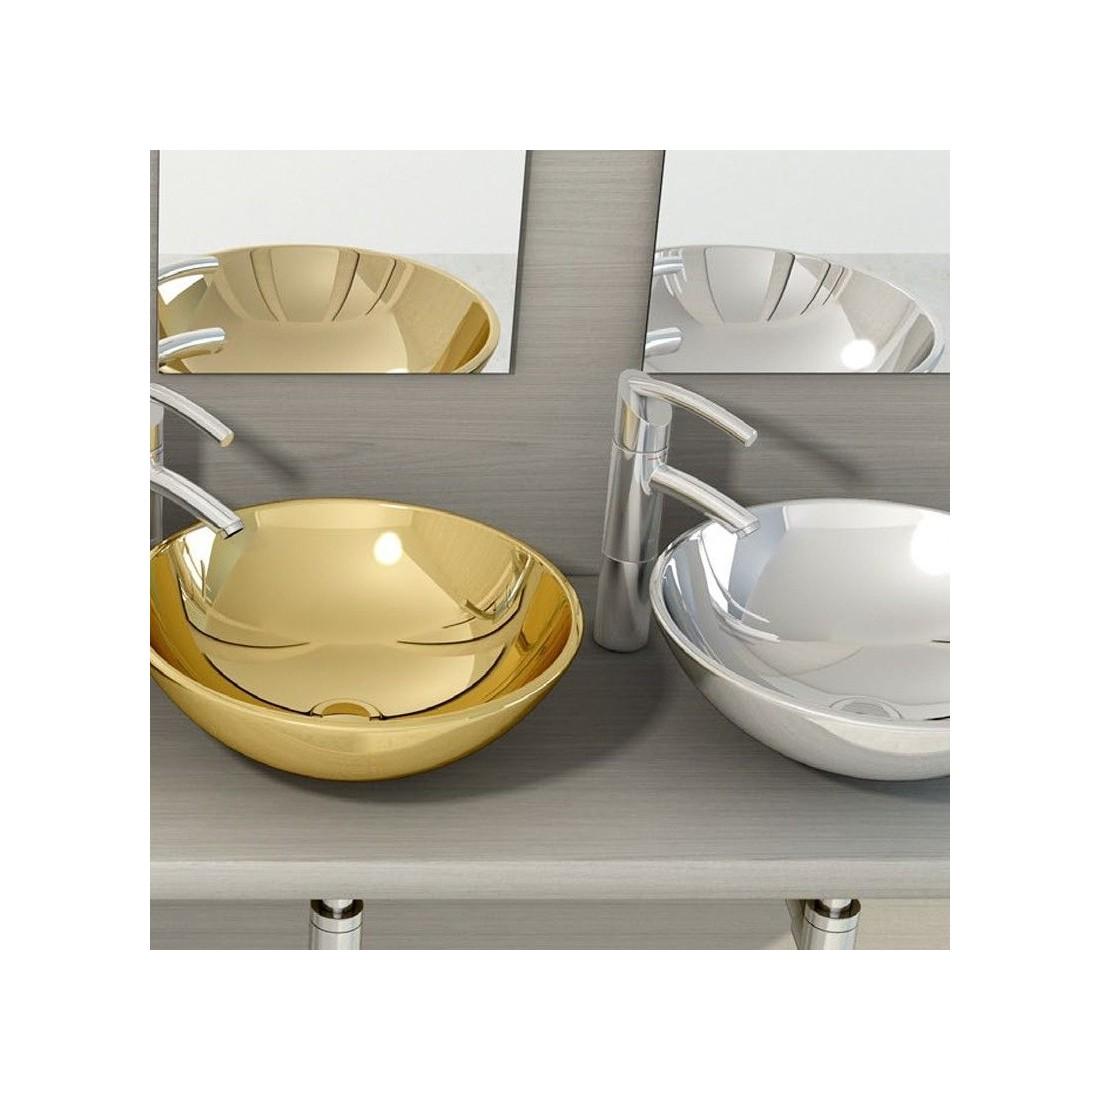 Comprar lavabo ceramica sobre encimera bol al mejor precio - Precio de lavabos ...